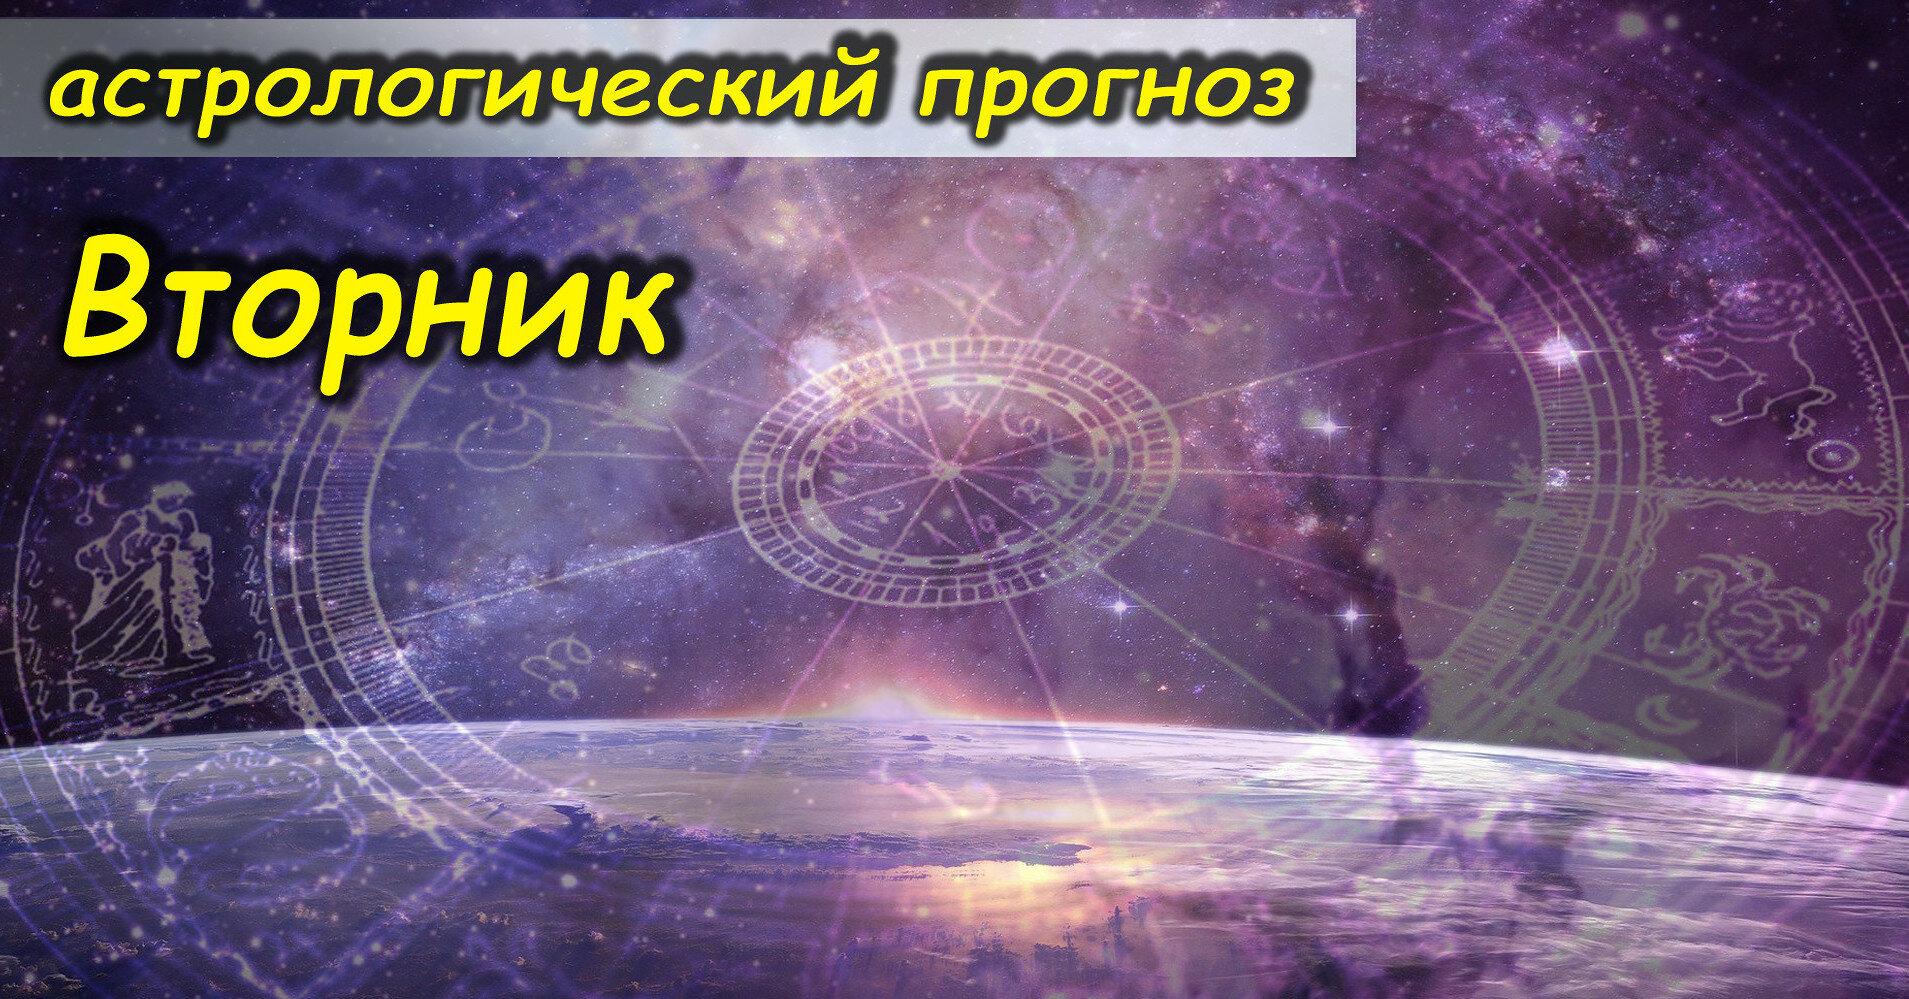 Гороскоп на 22 июня: что ждет Овнов, Дев, Рыб и другие знаки Зодиака